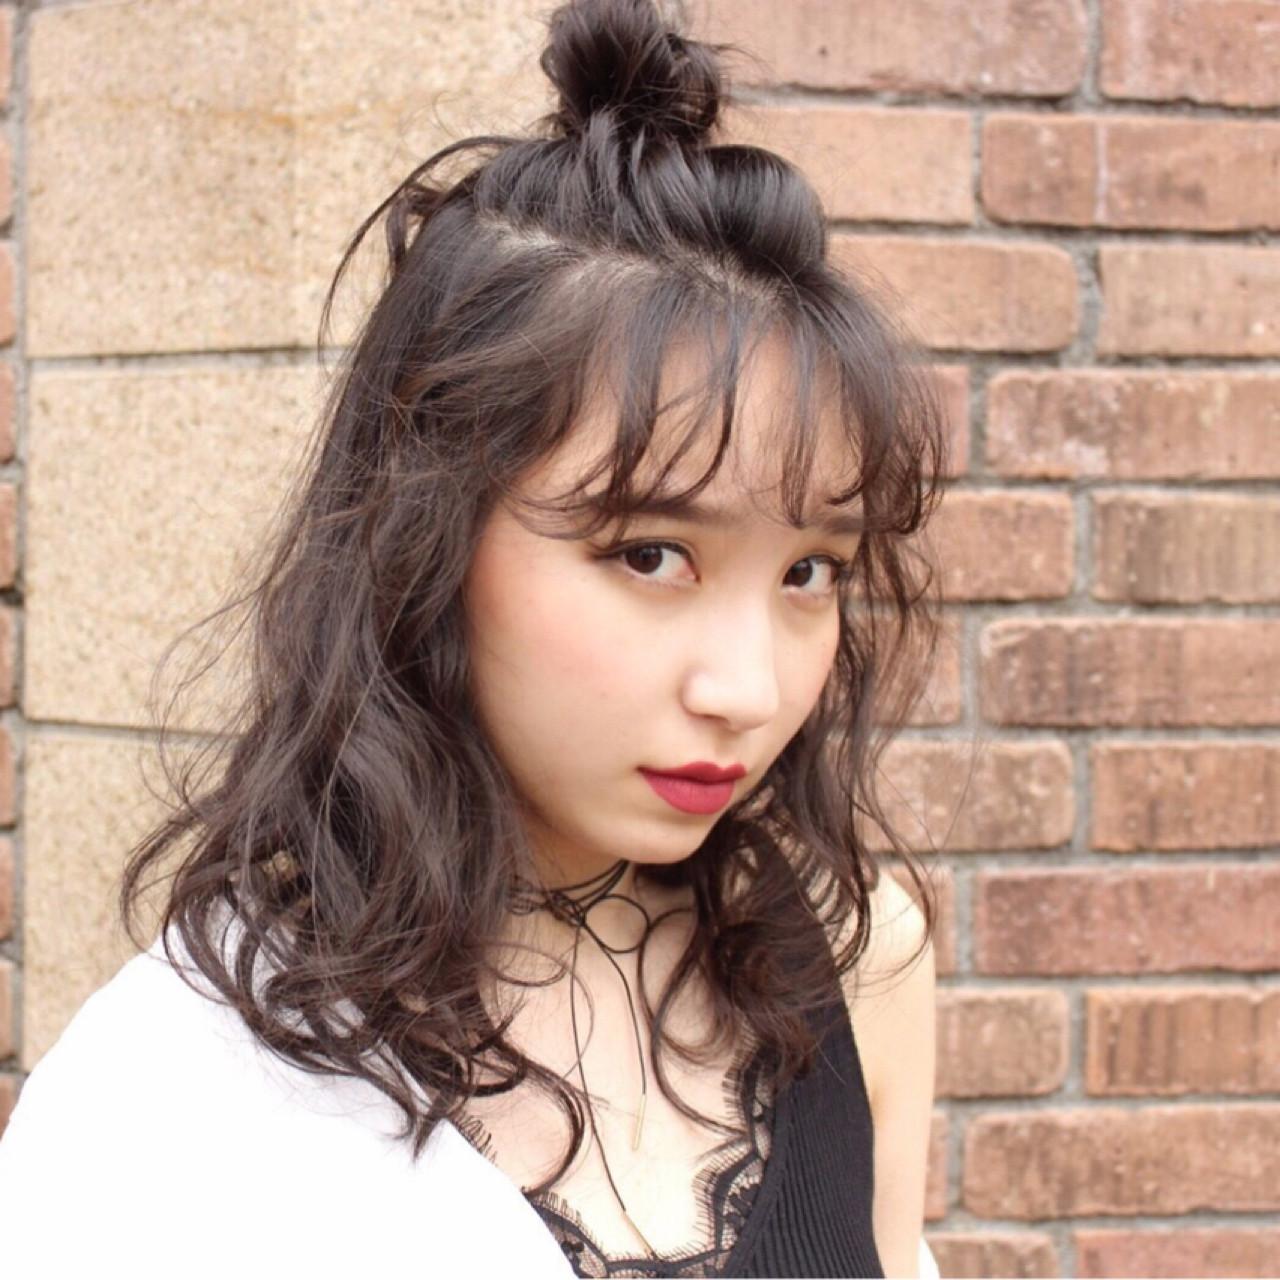 黒髪 ヘアアレンジ お団子 エレガント ヘアスタイルや髪型の写真・画像